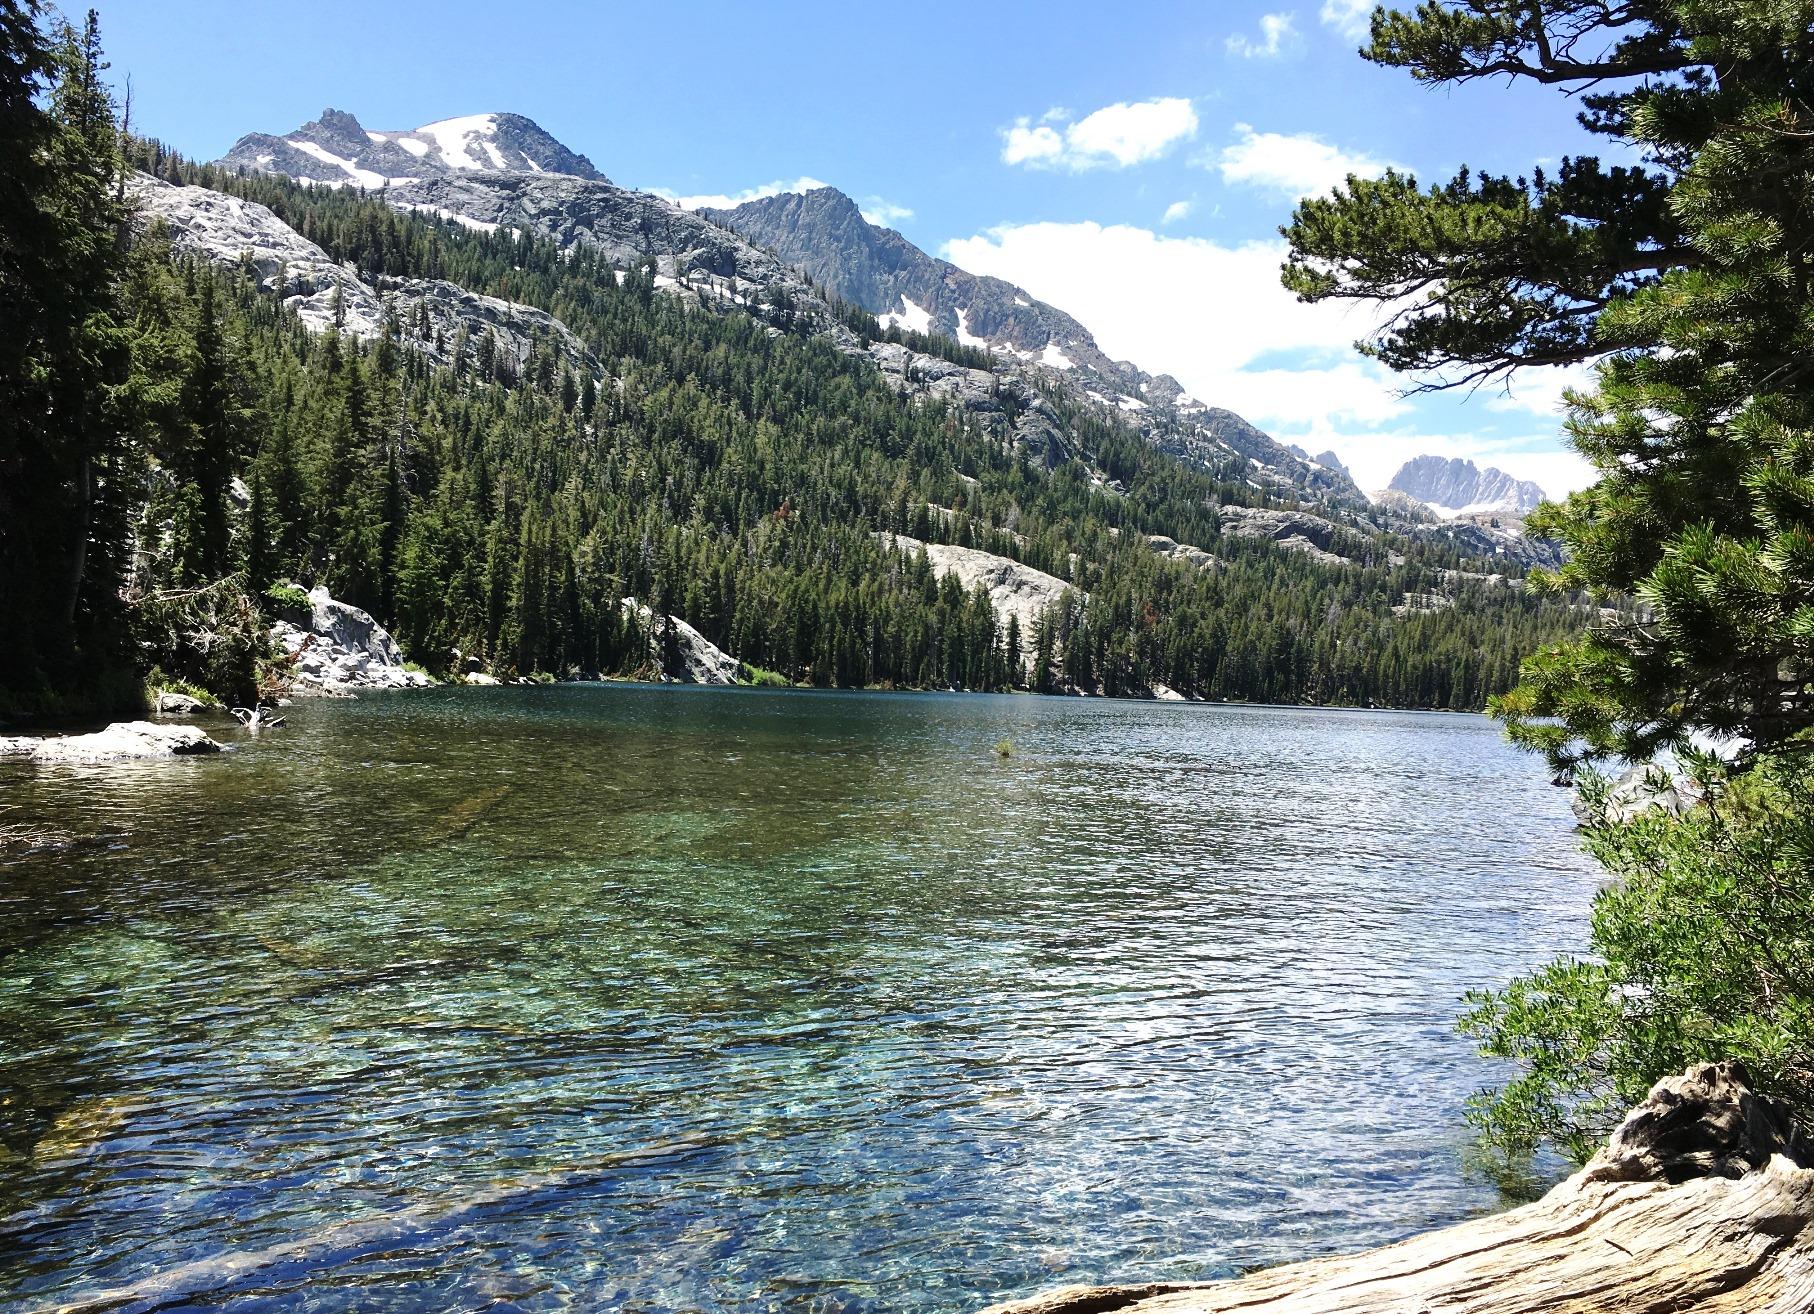 エメラルドグリーンの湖面が美しいシャドウレイク